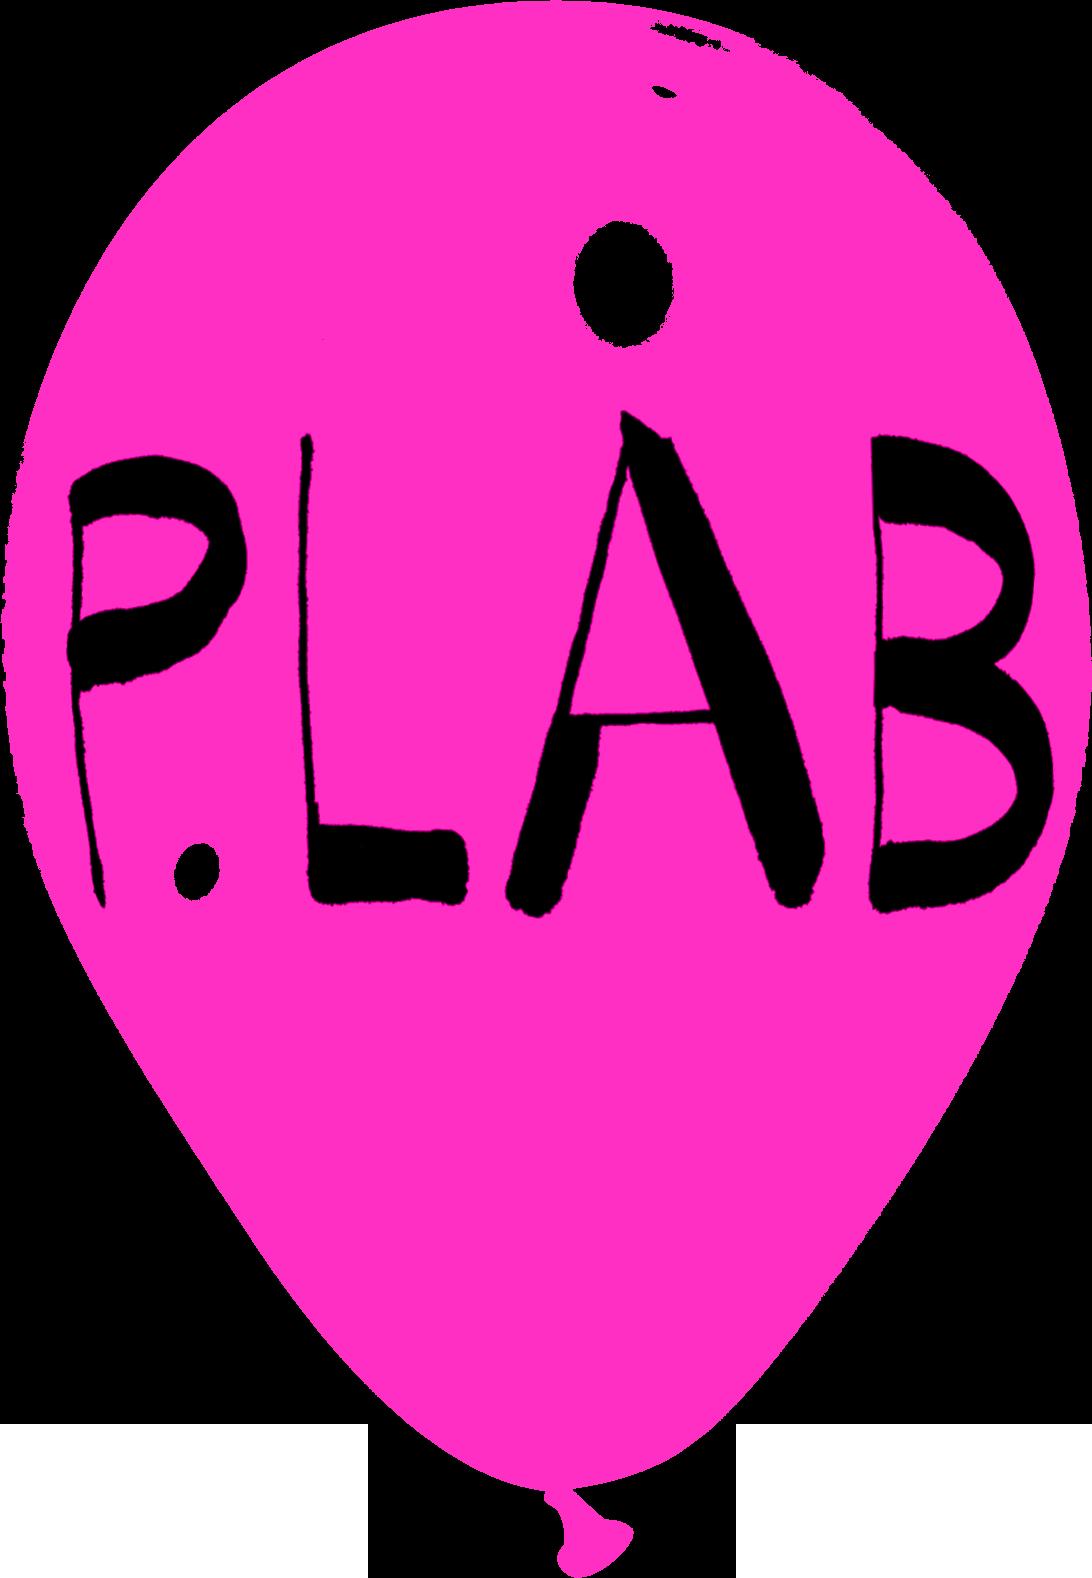 Balloon Logo pink